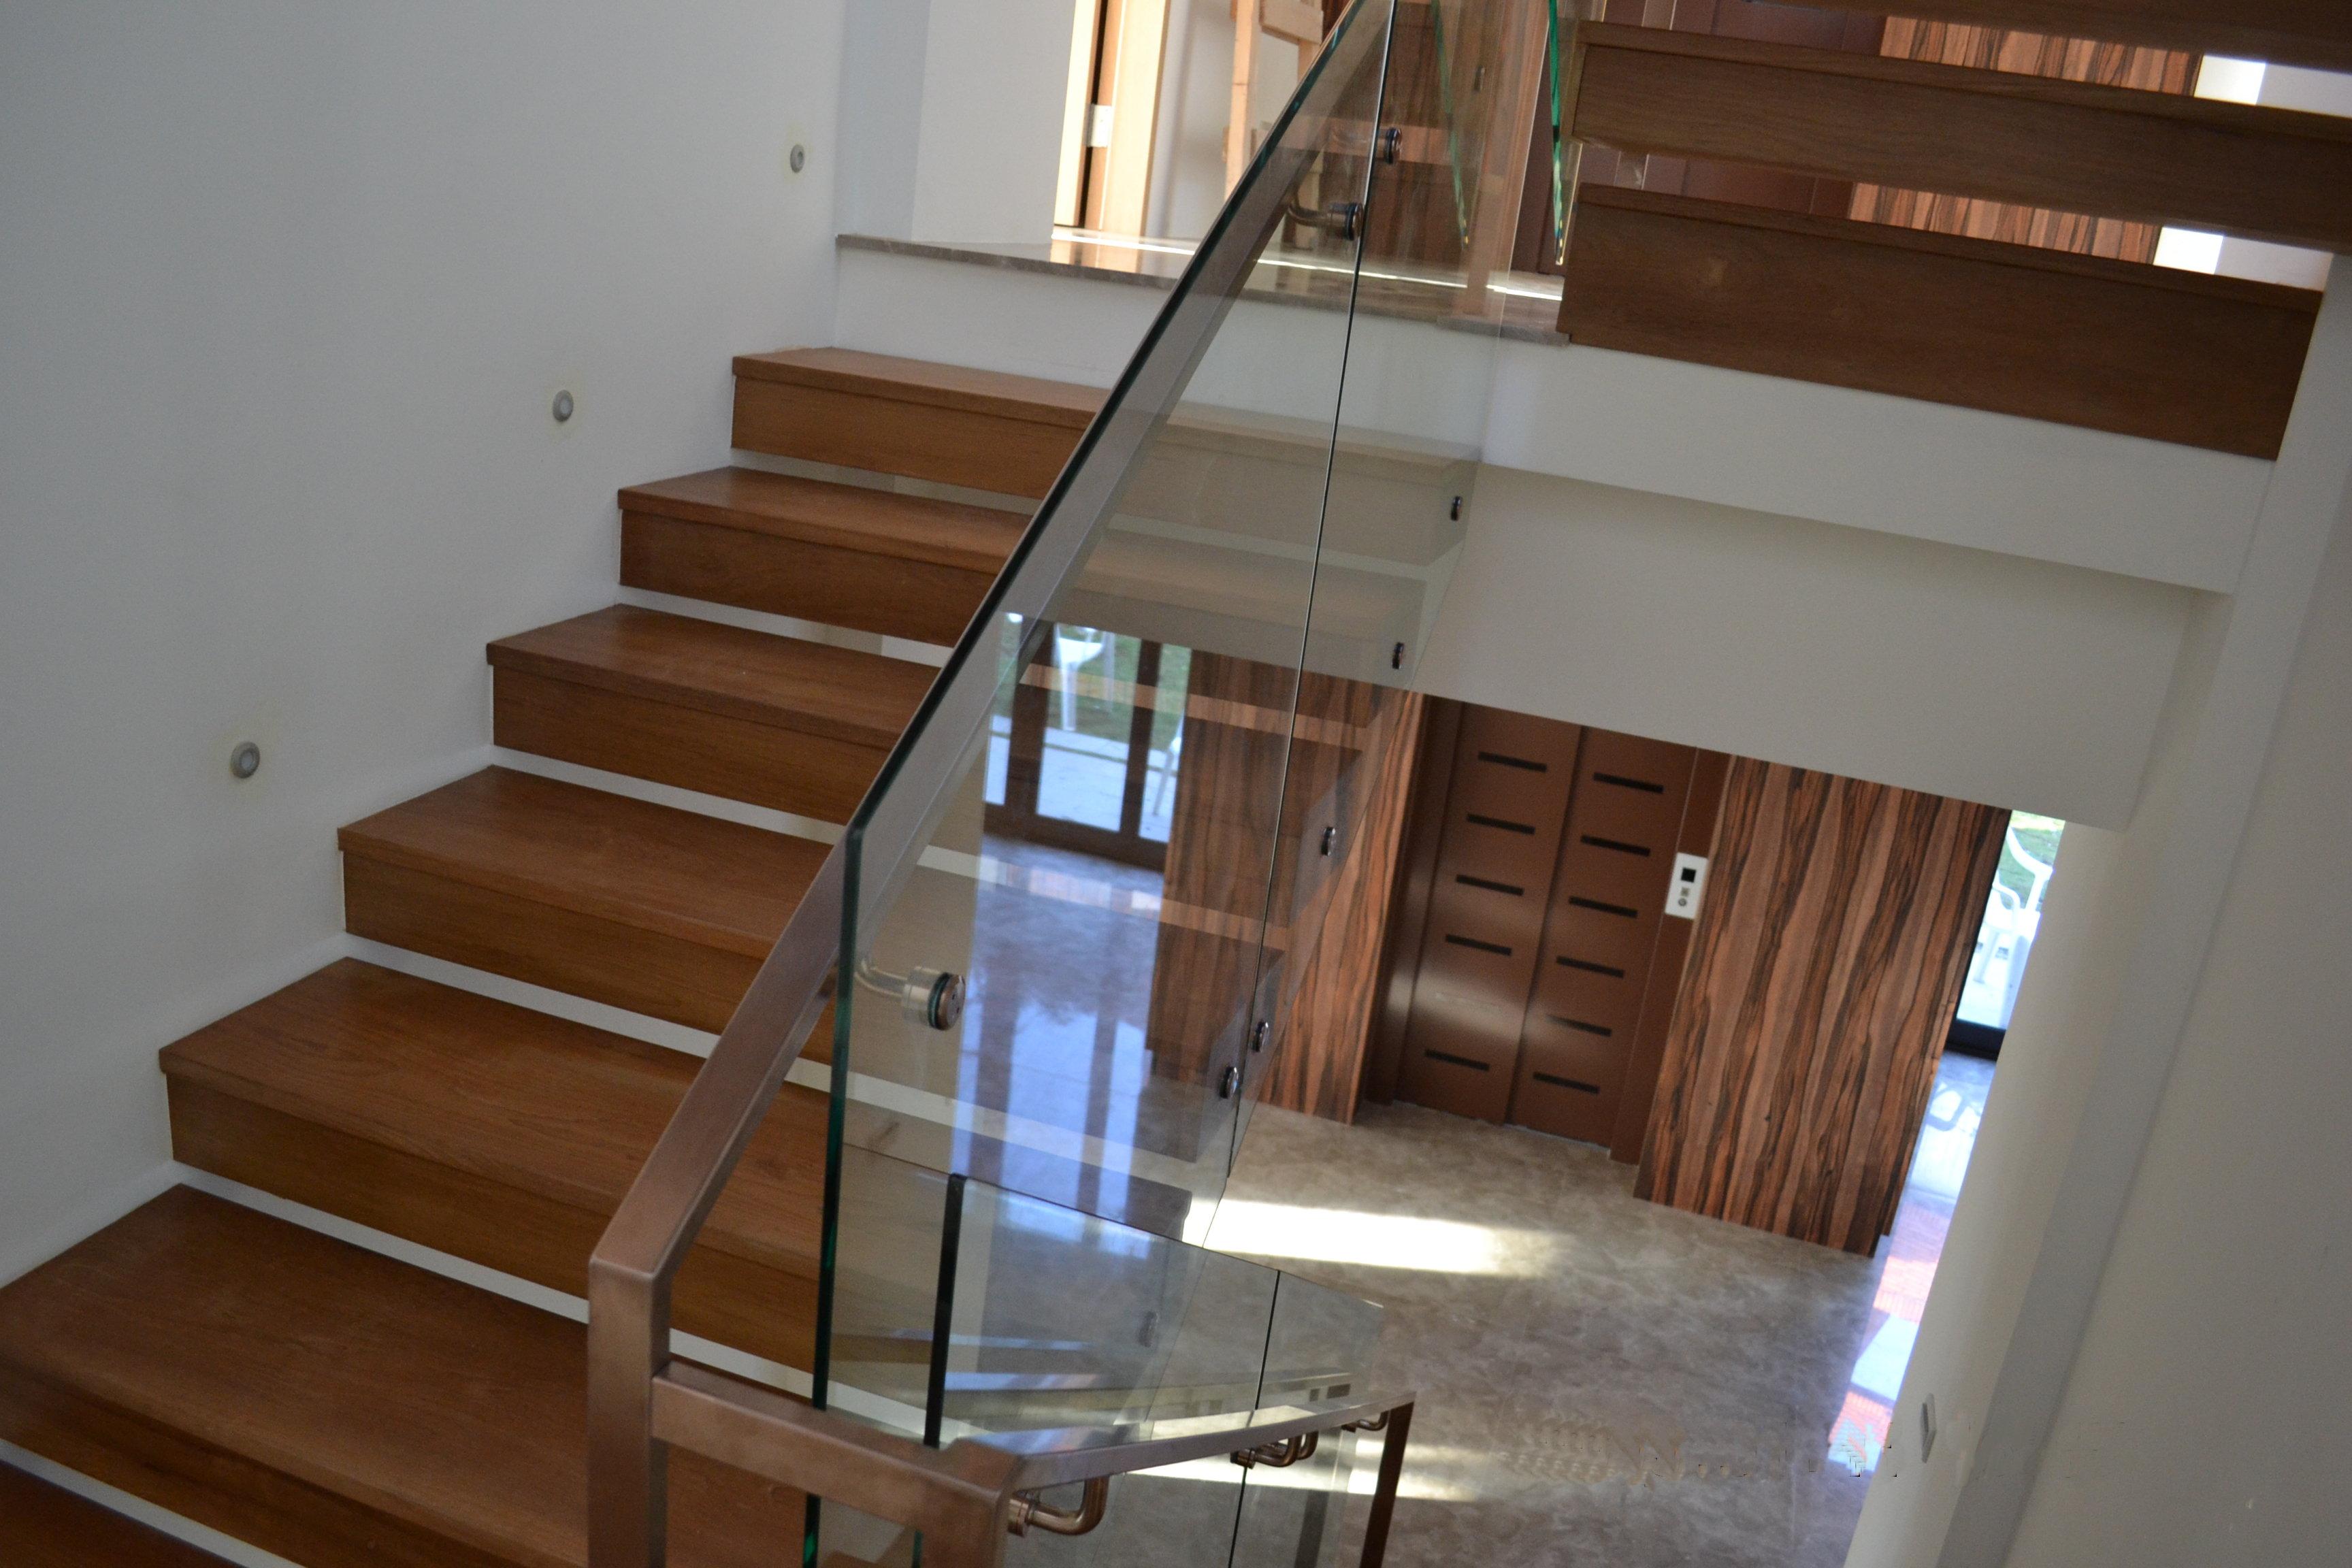 新原古-緬甸柚木 樓梯踏板 懸空四面包(陽明山)